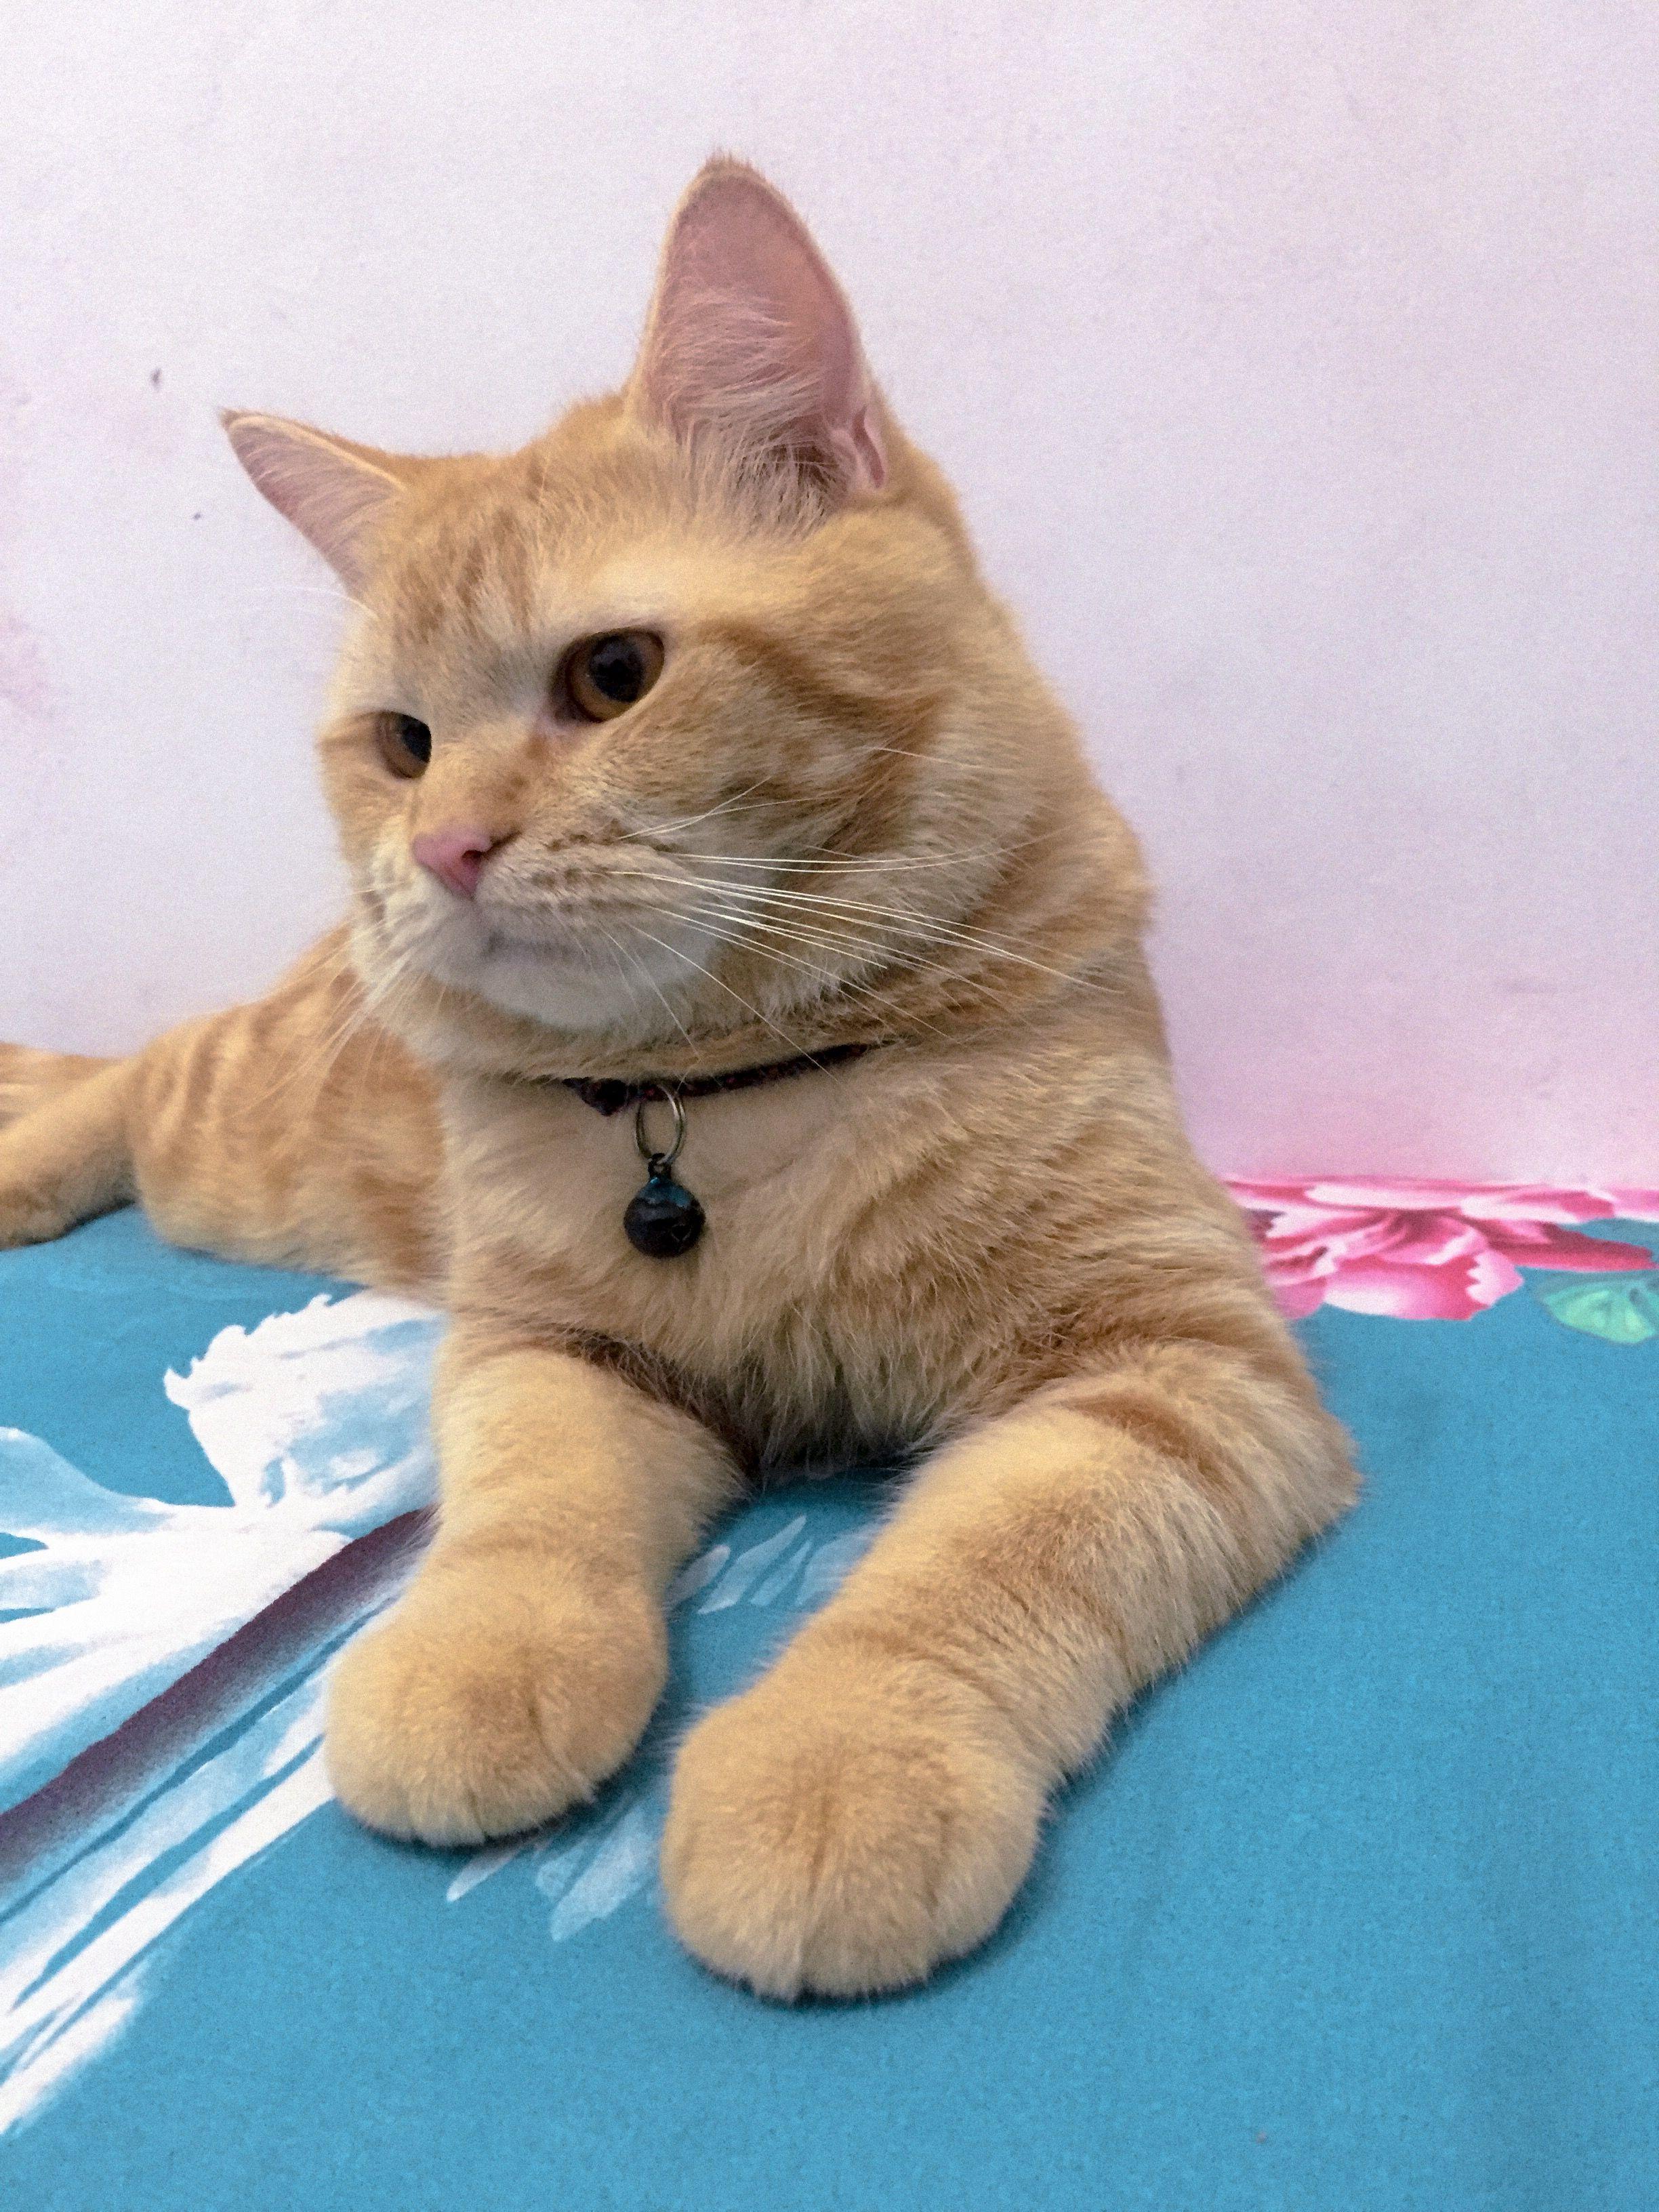 Pin Oleh Aida Di Picture By Me Wallpaper Kucing Wallpaper Iphone Kucing Lucu